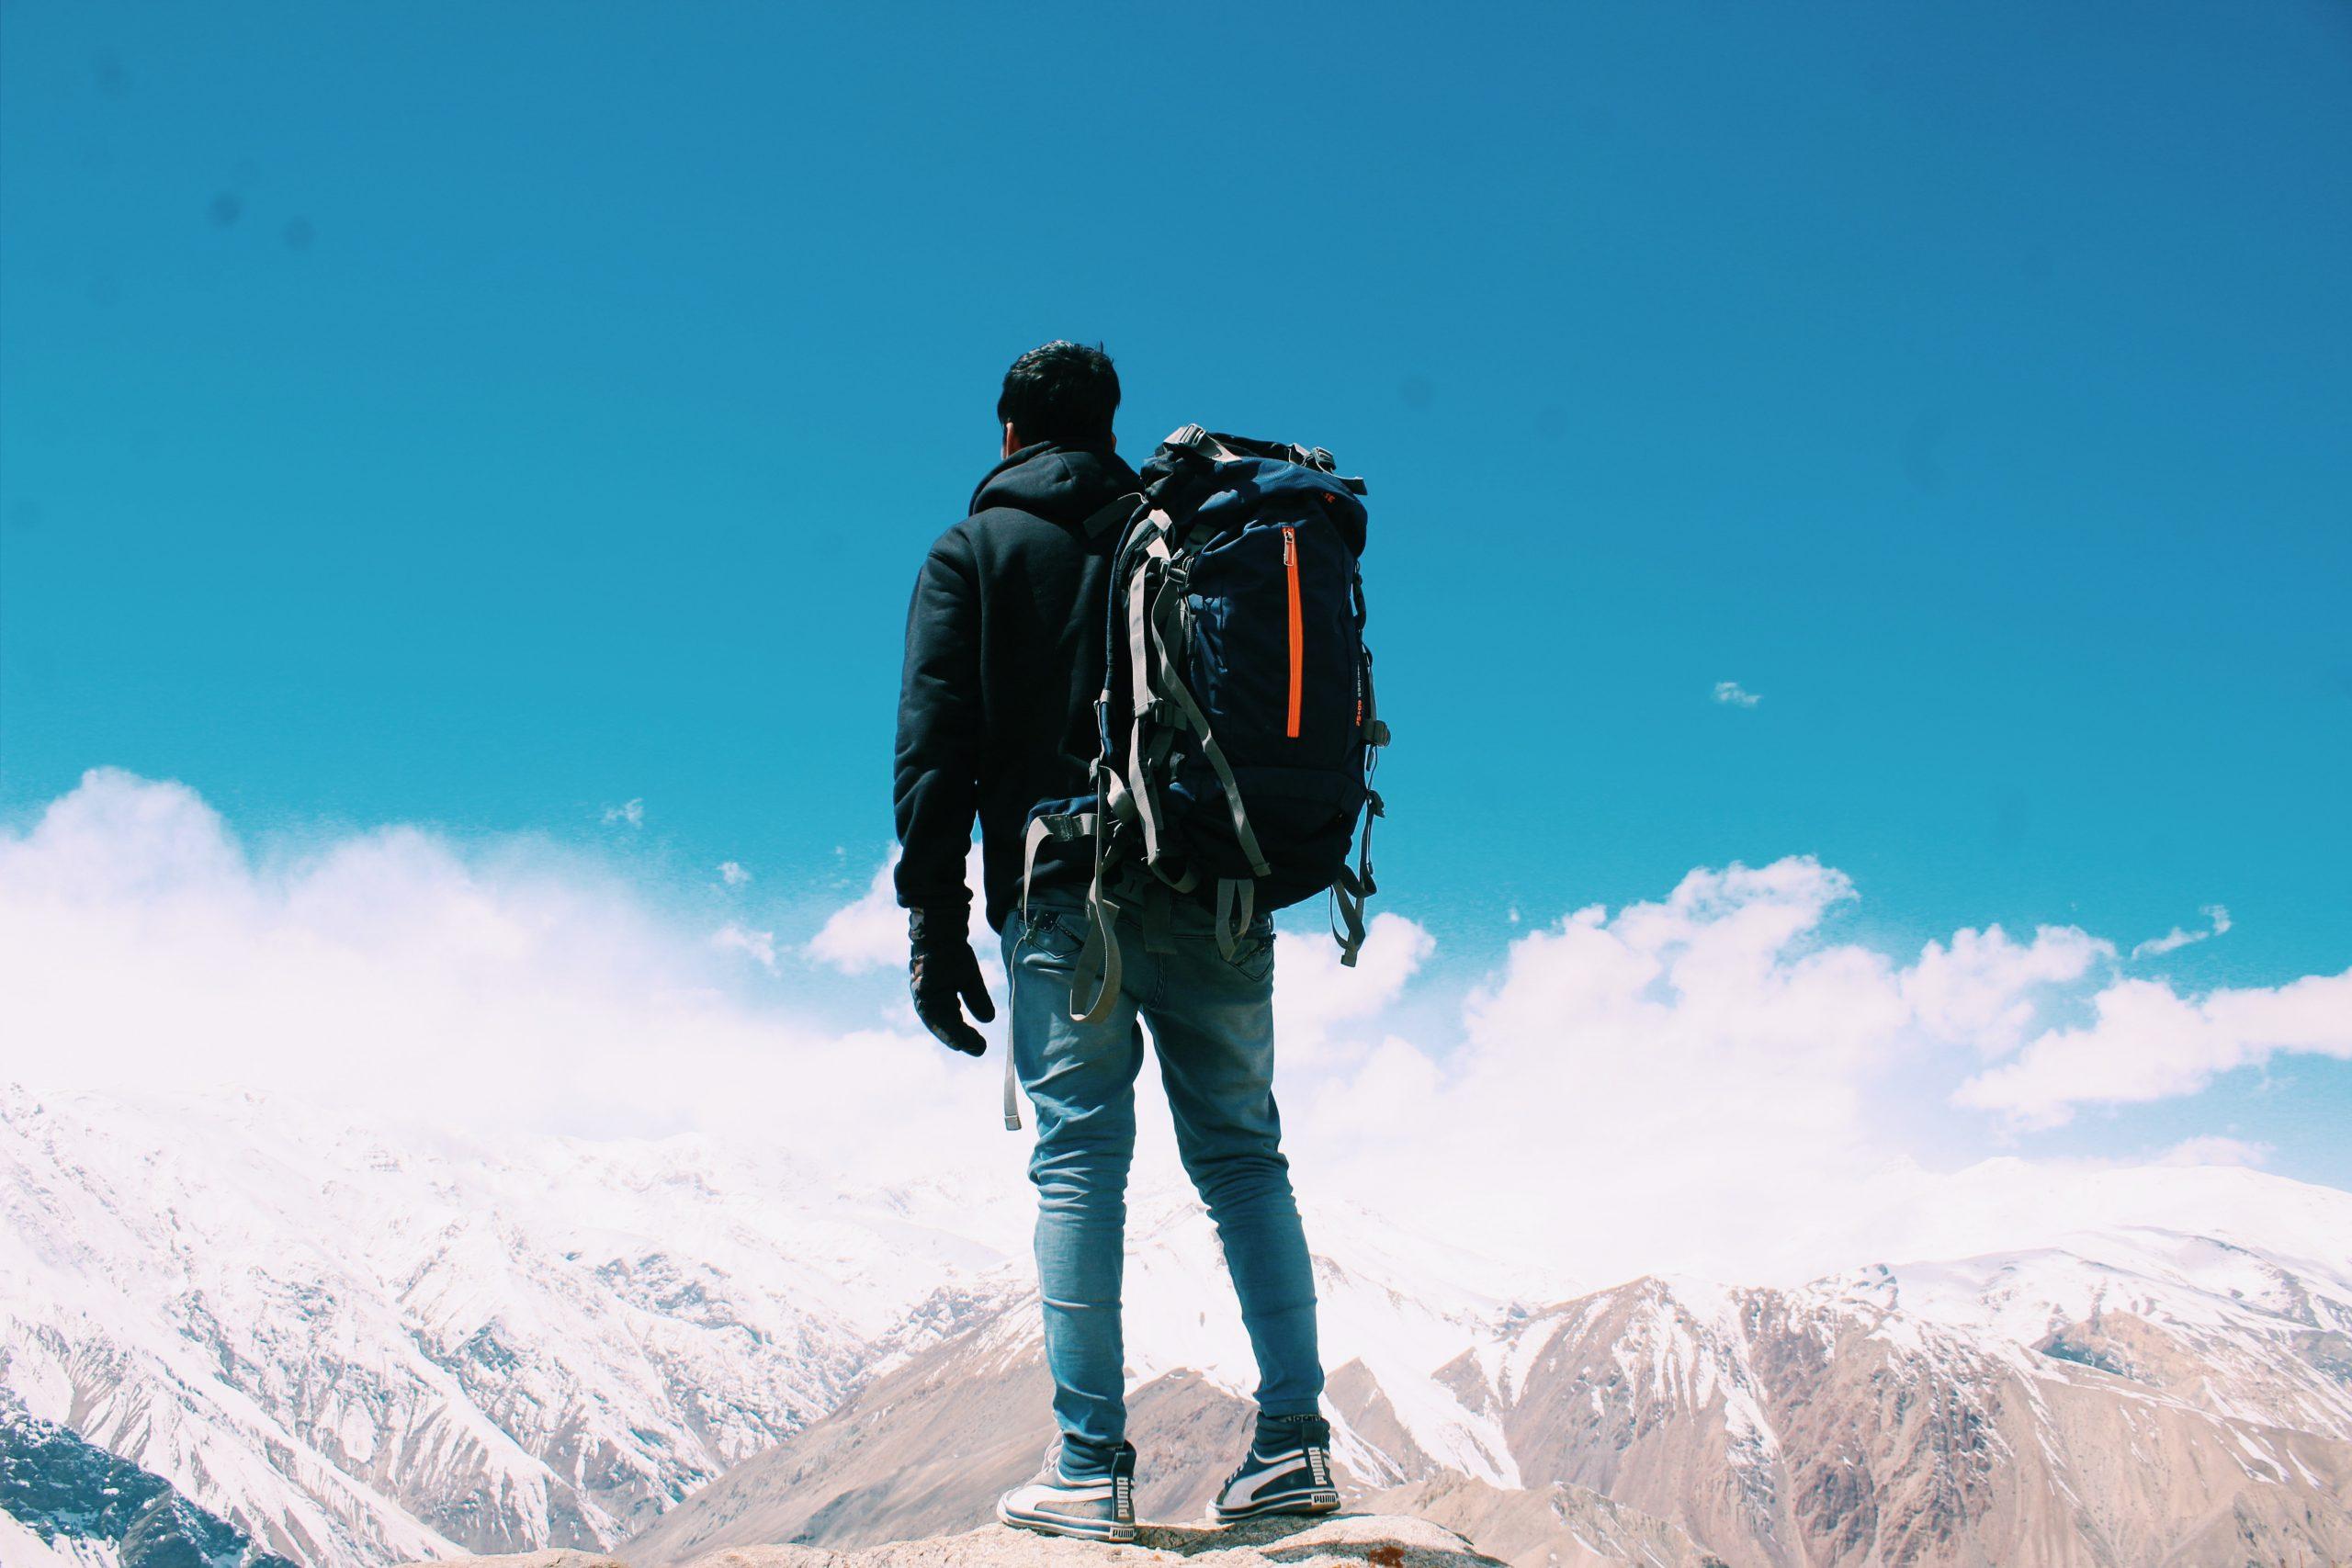 regalos para aventureros, amigo aventurero, regalos para viajes, aventuras